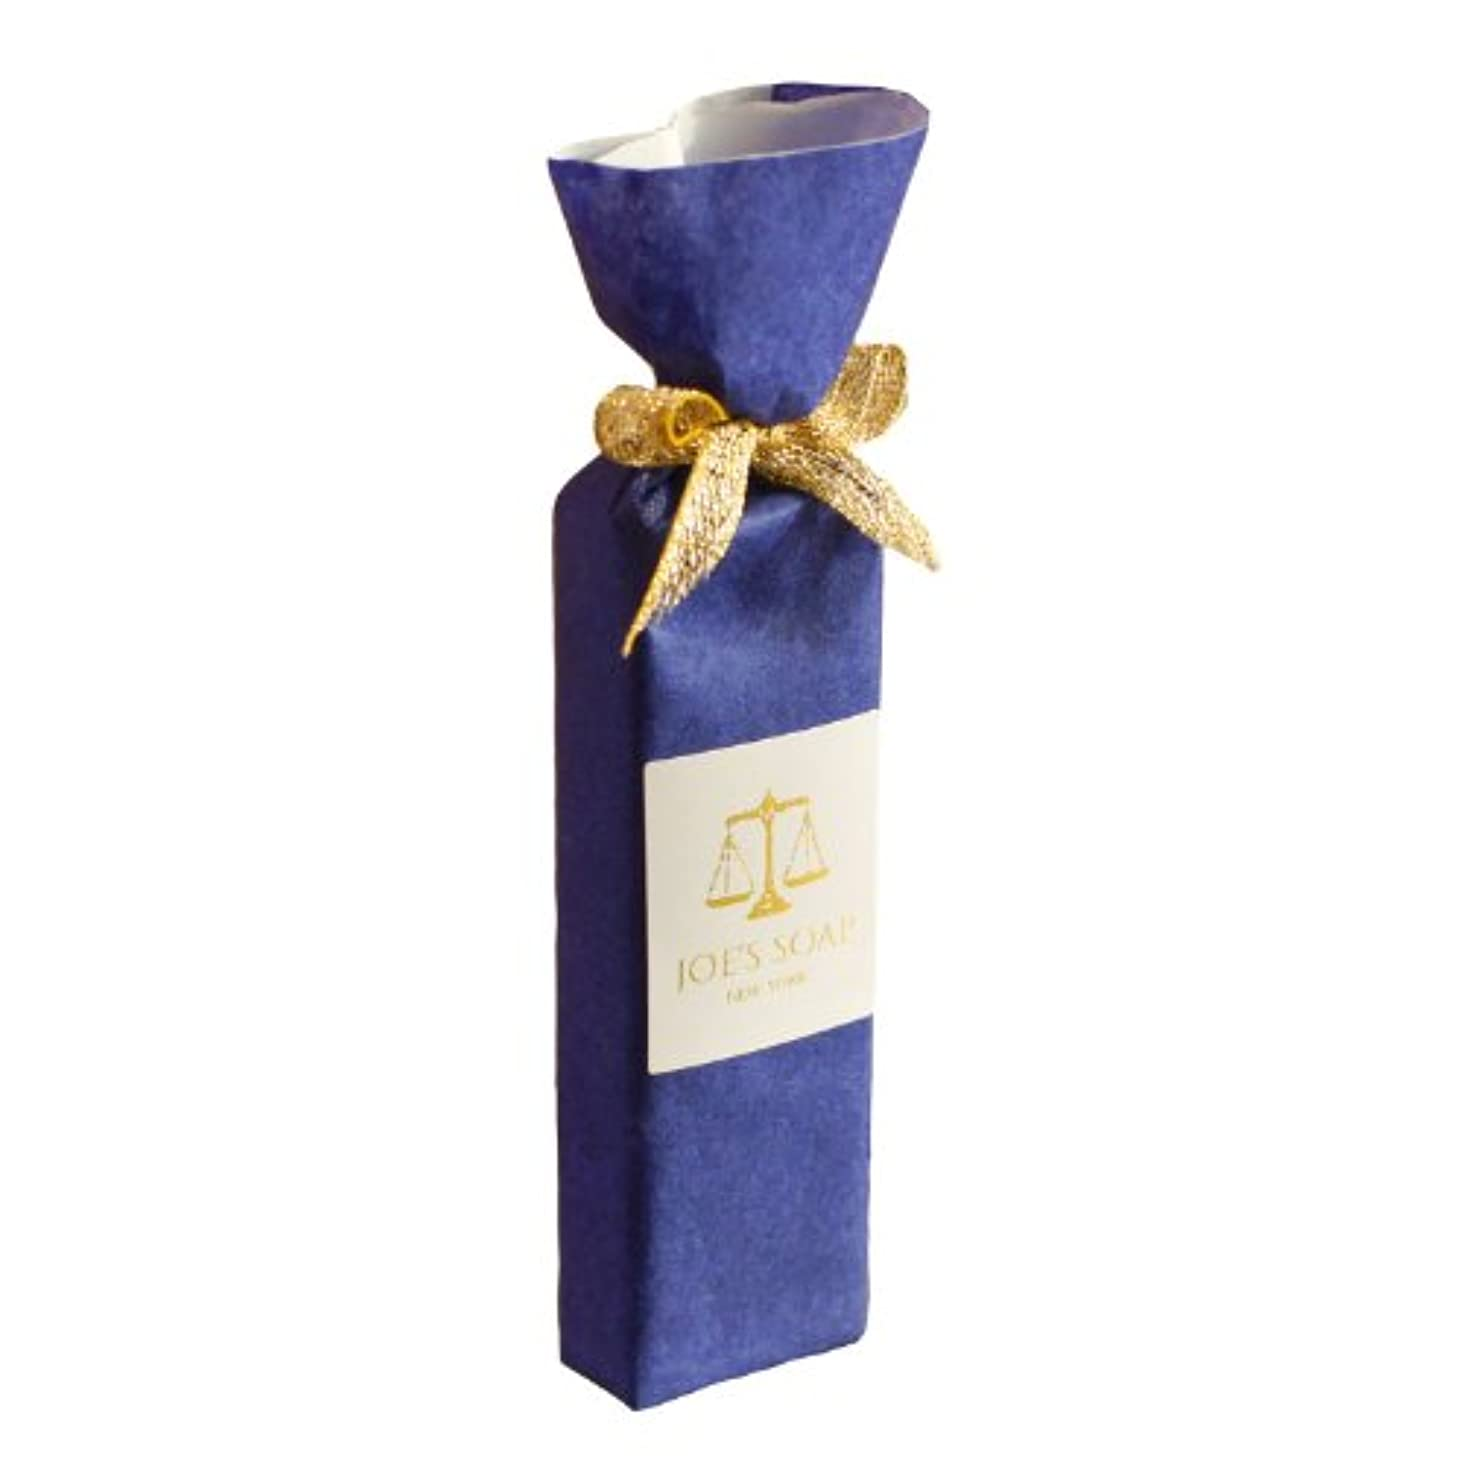 プット風味第九JOE'S SOAP ジョーズソープ オリーブソープ NO.5 LAVENDER ラベンダー20g お試し トライアル 無添加  石鹸 オーガニック 保湿 洗顔 乾燥肌 敏感肌